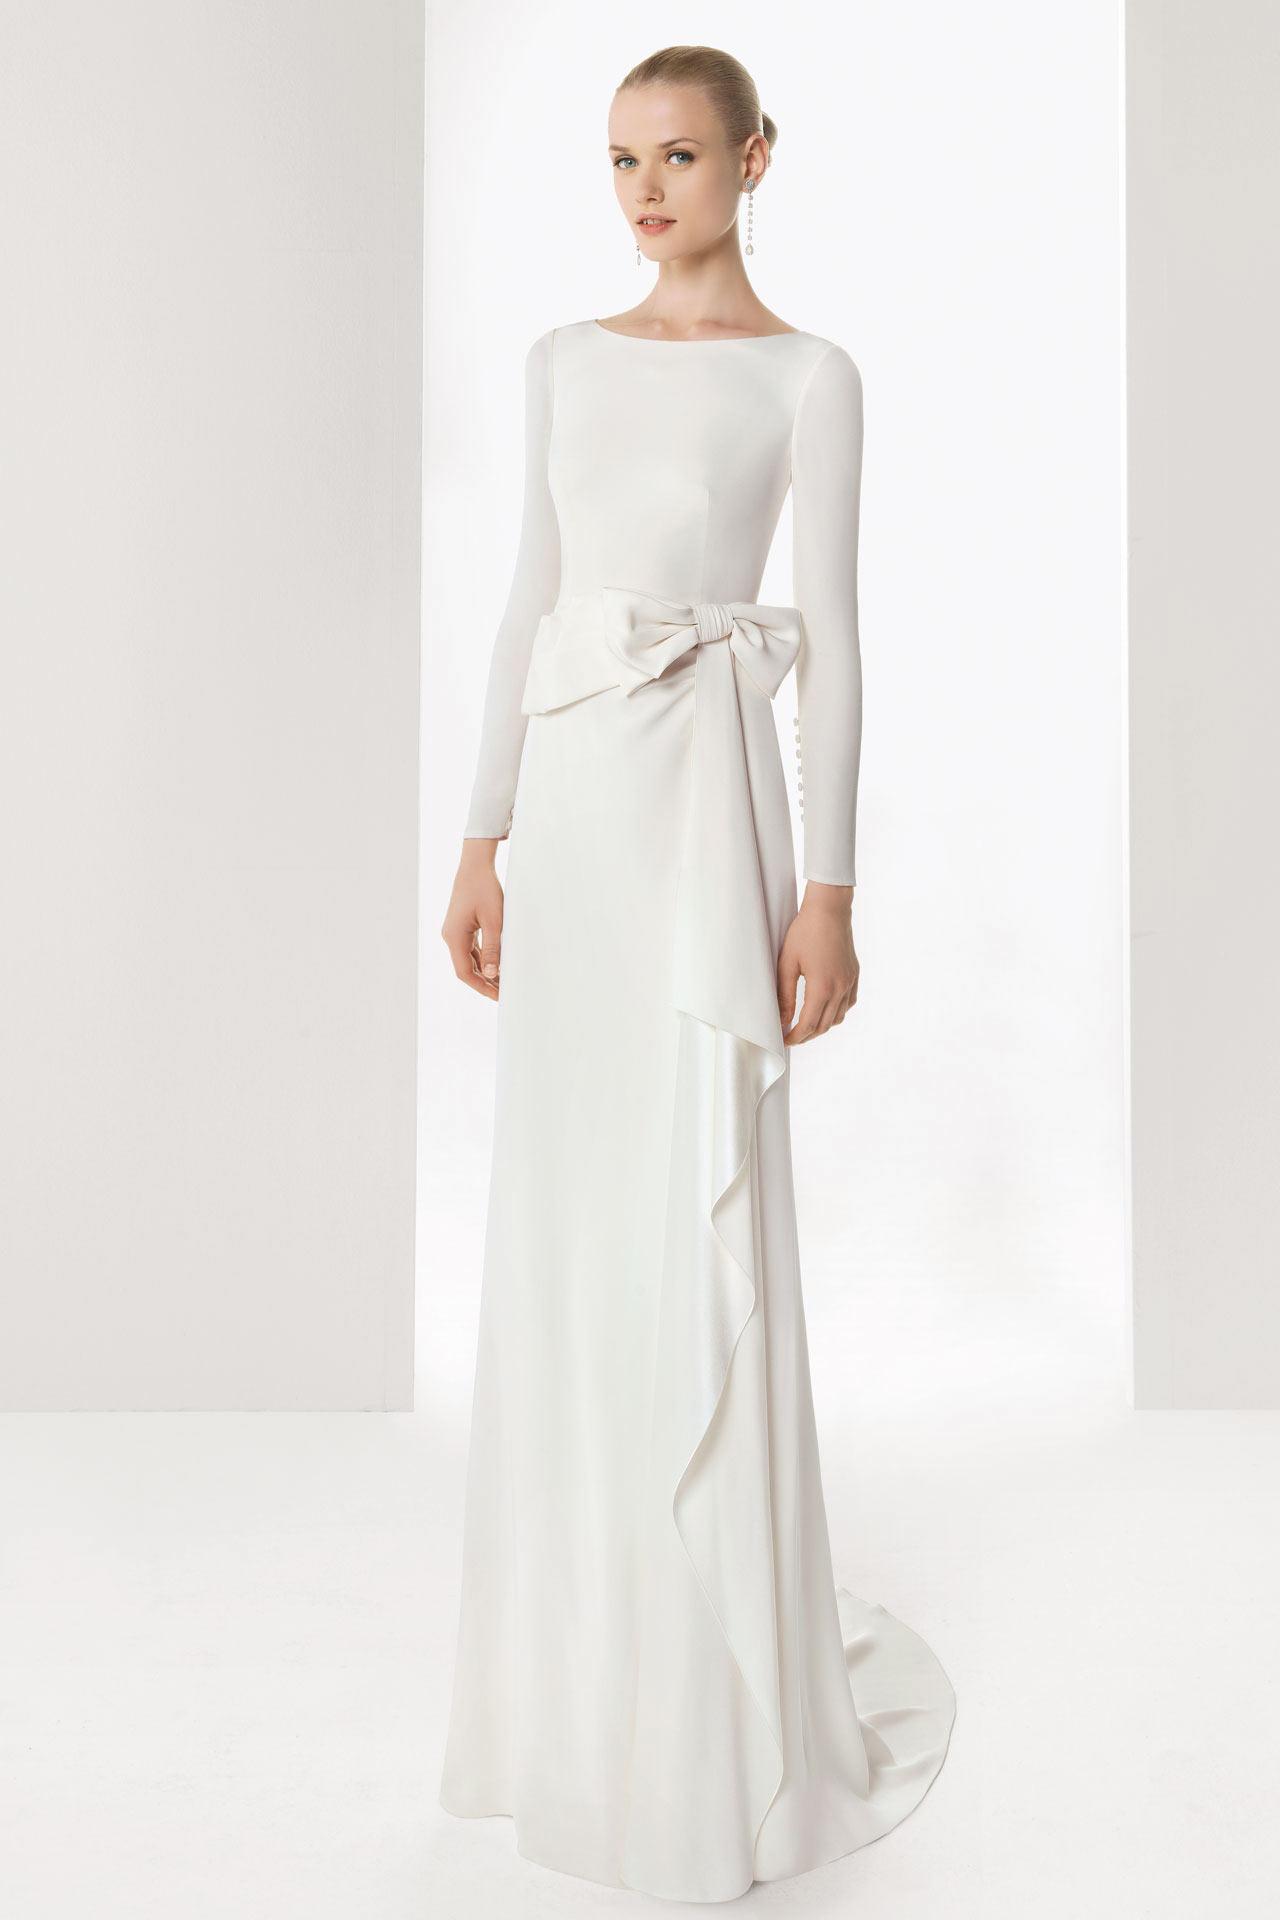 Hochzeitskleider für ältere bräute